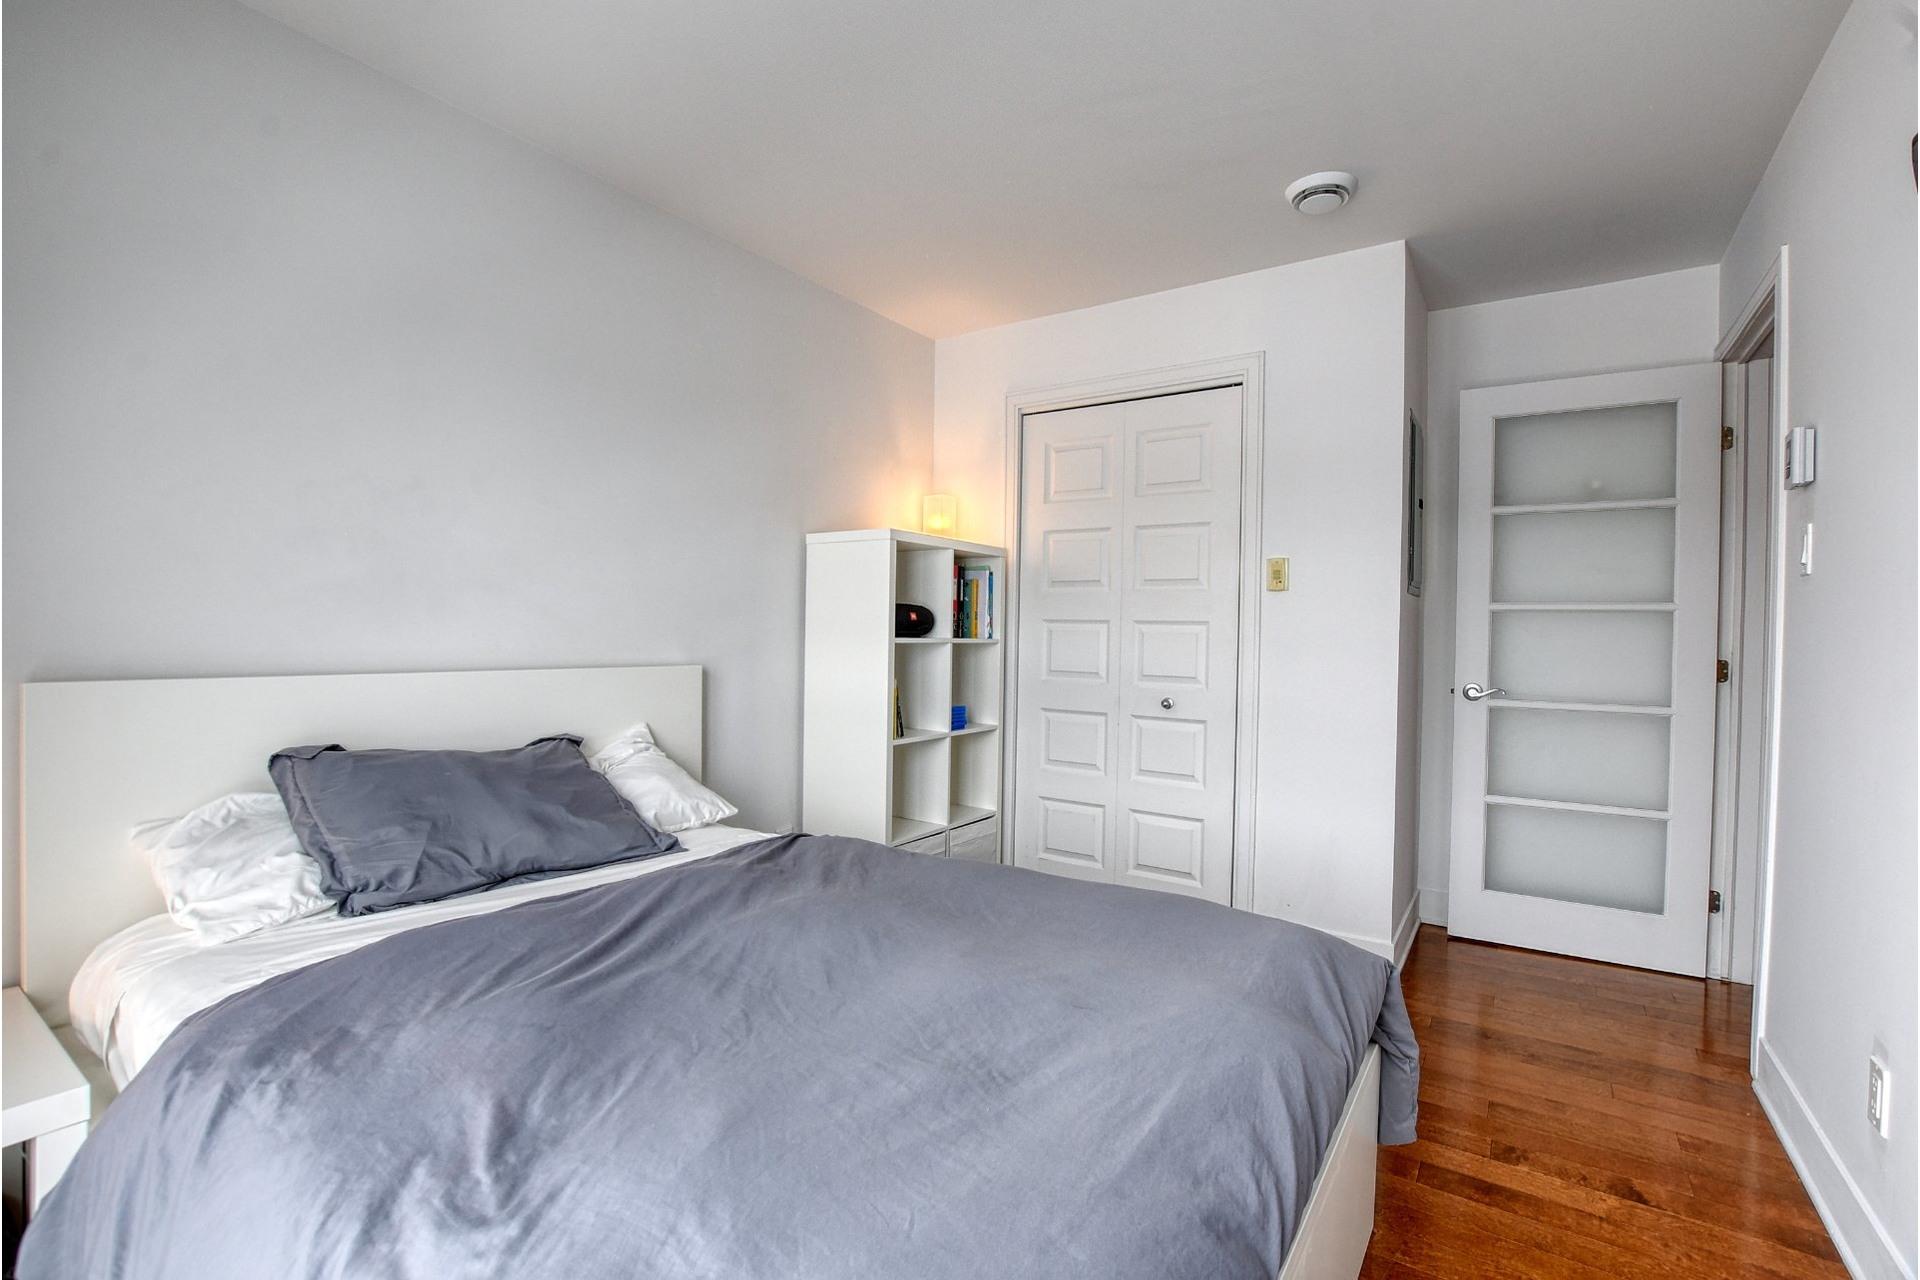 image 14 - Apartment For sale Ahuntsic-Cartierville Montréal  - 4 rooms